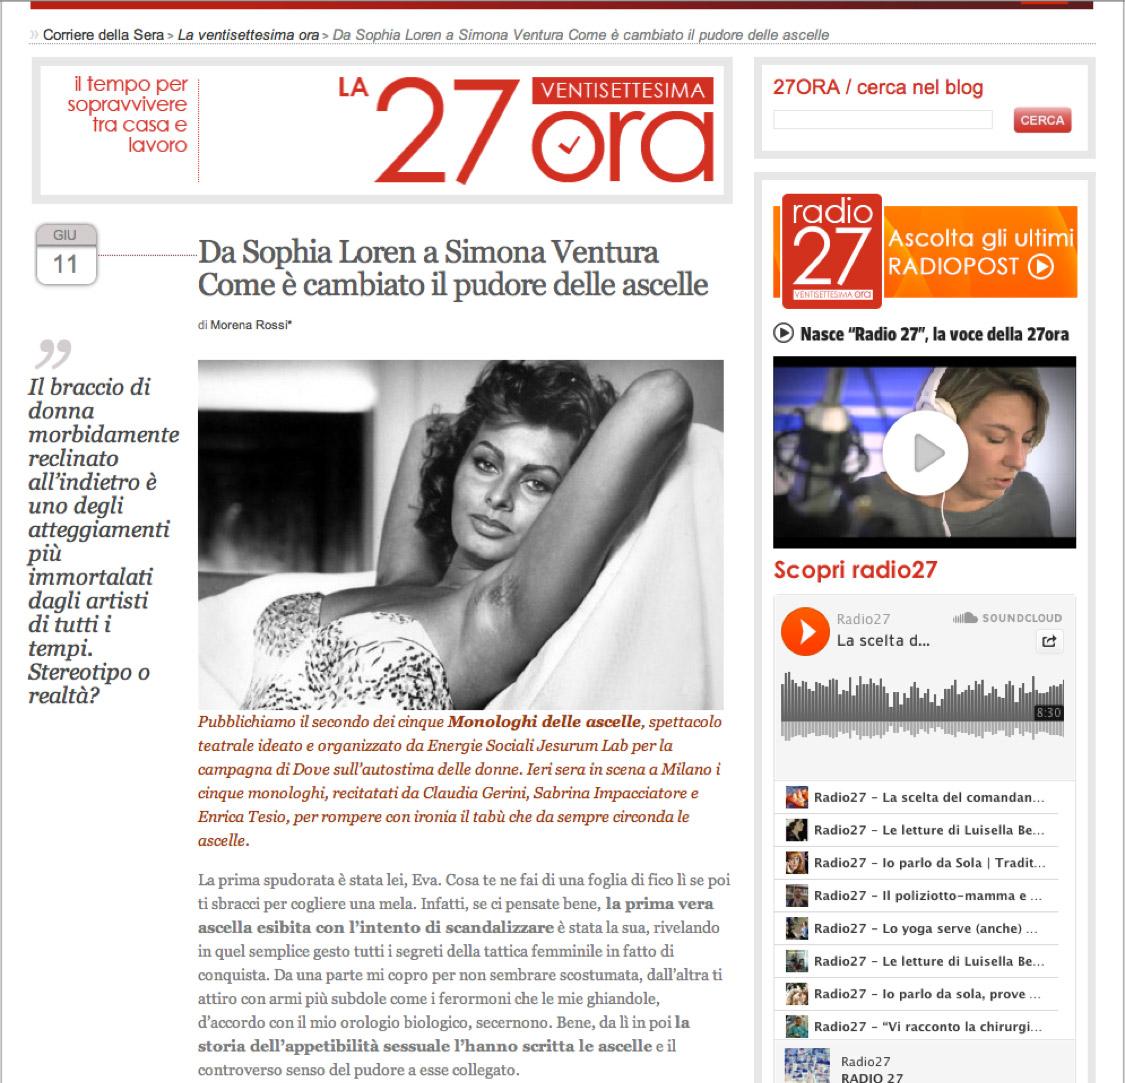 La 27 Ora